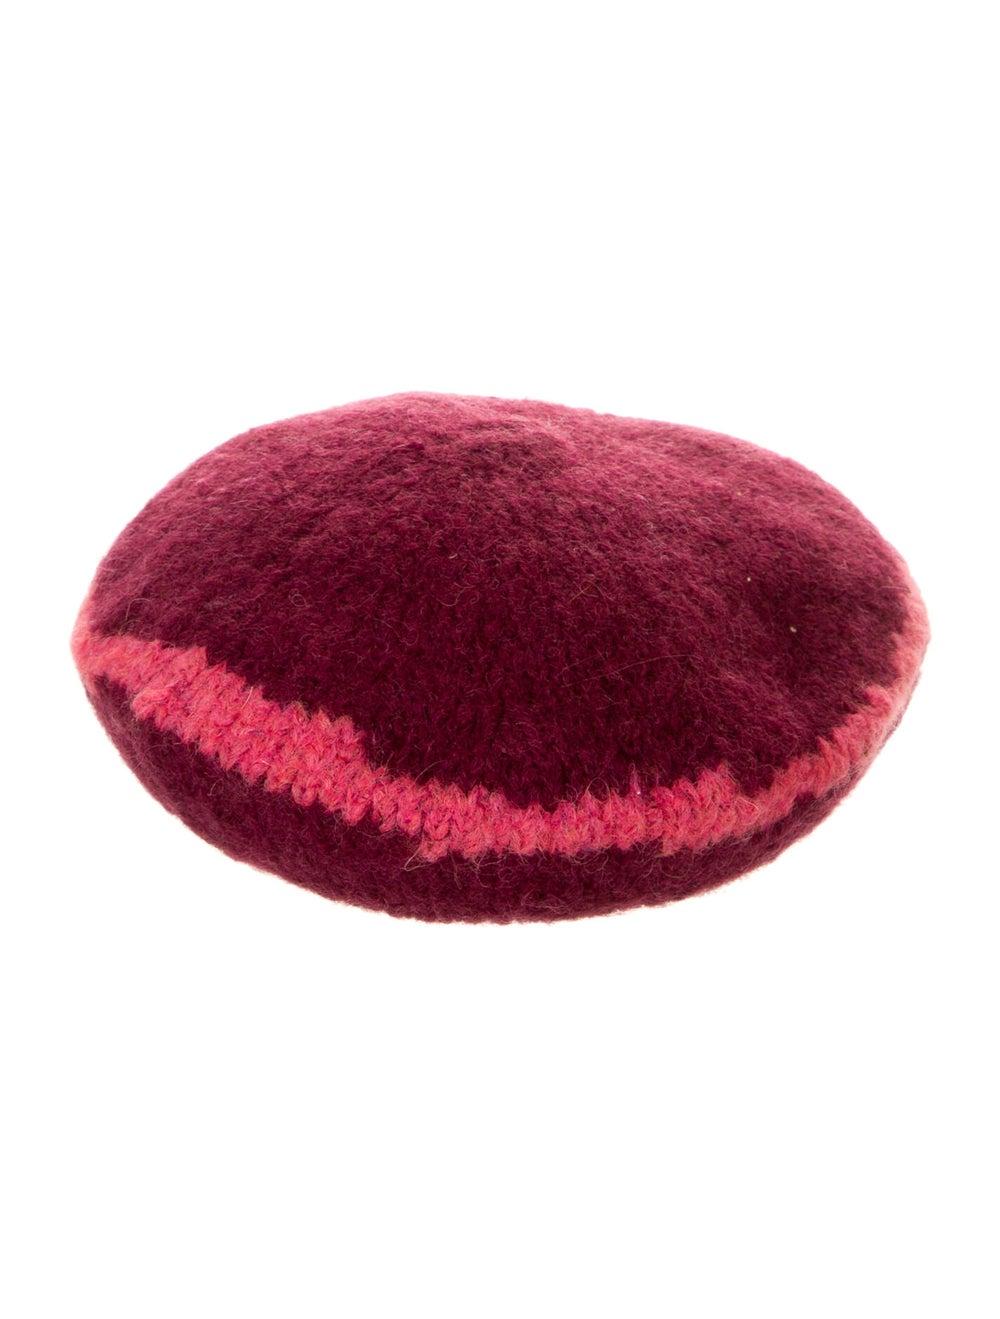 Paloma Wool Two-Tone Knit Beret pink - image 2